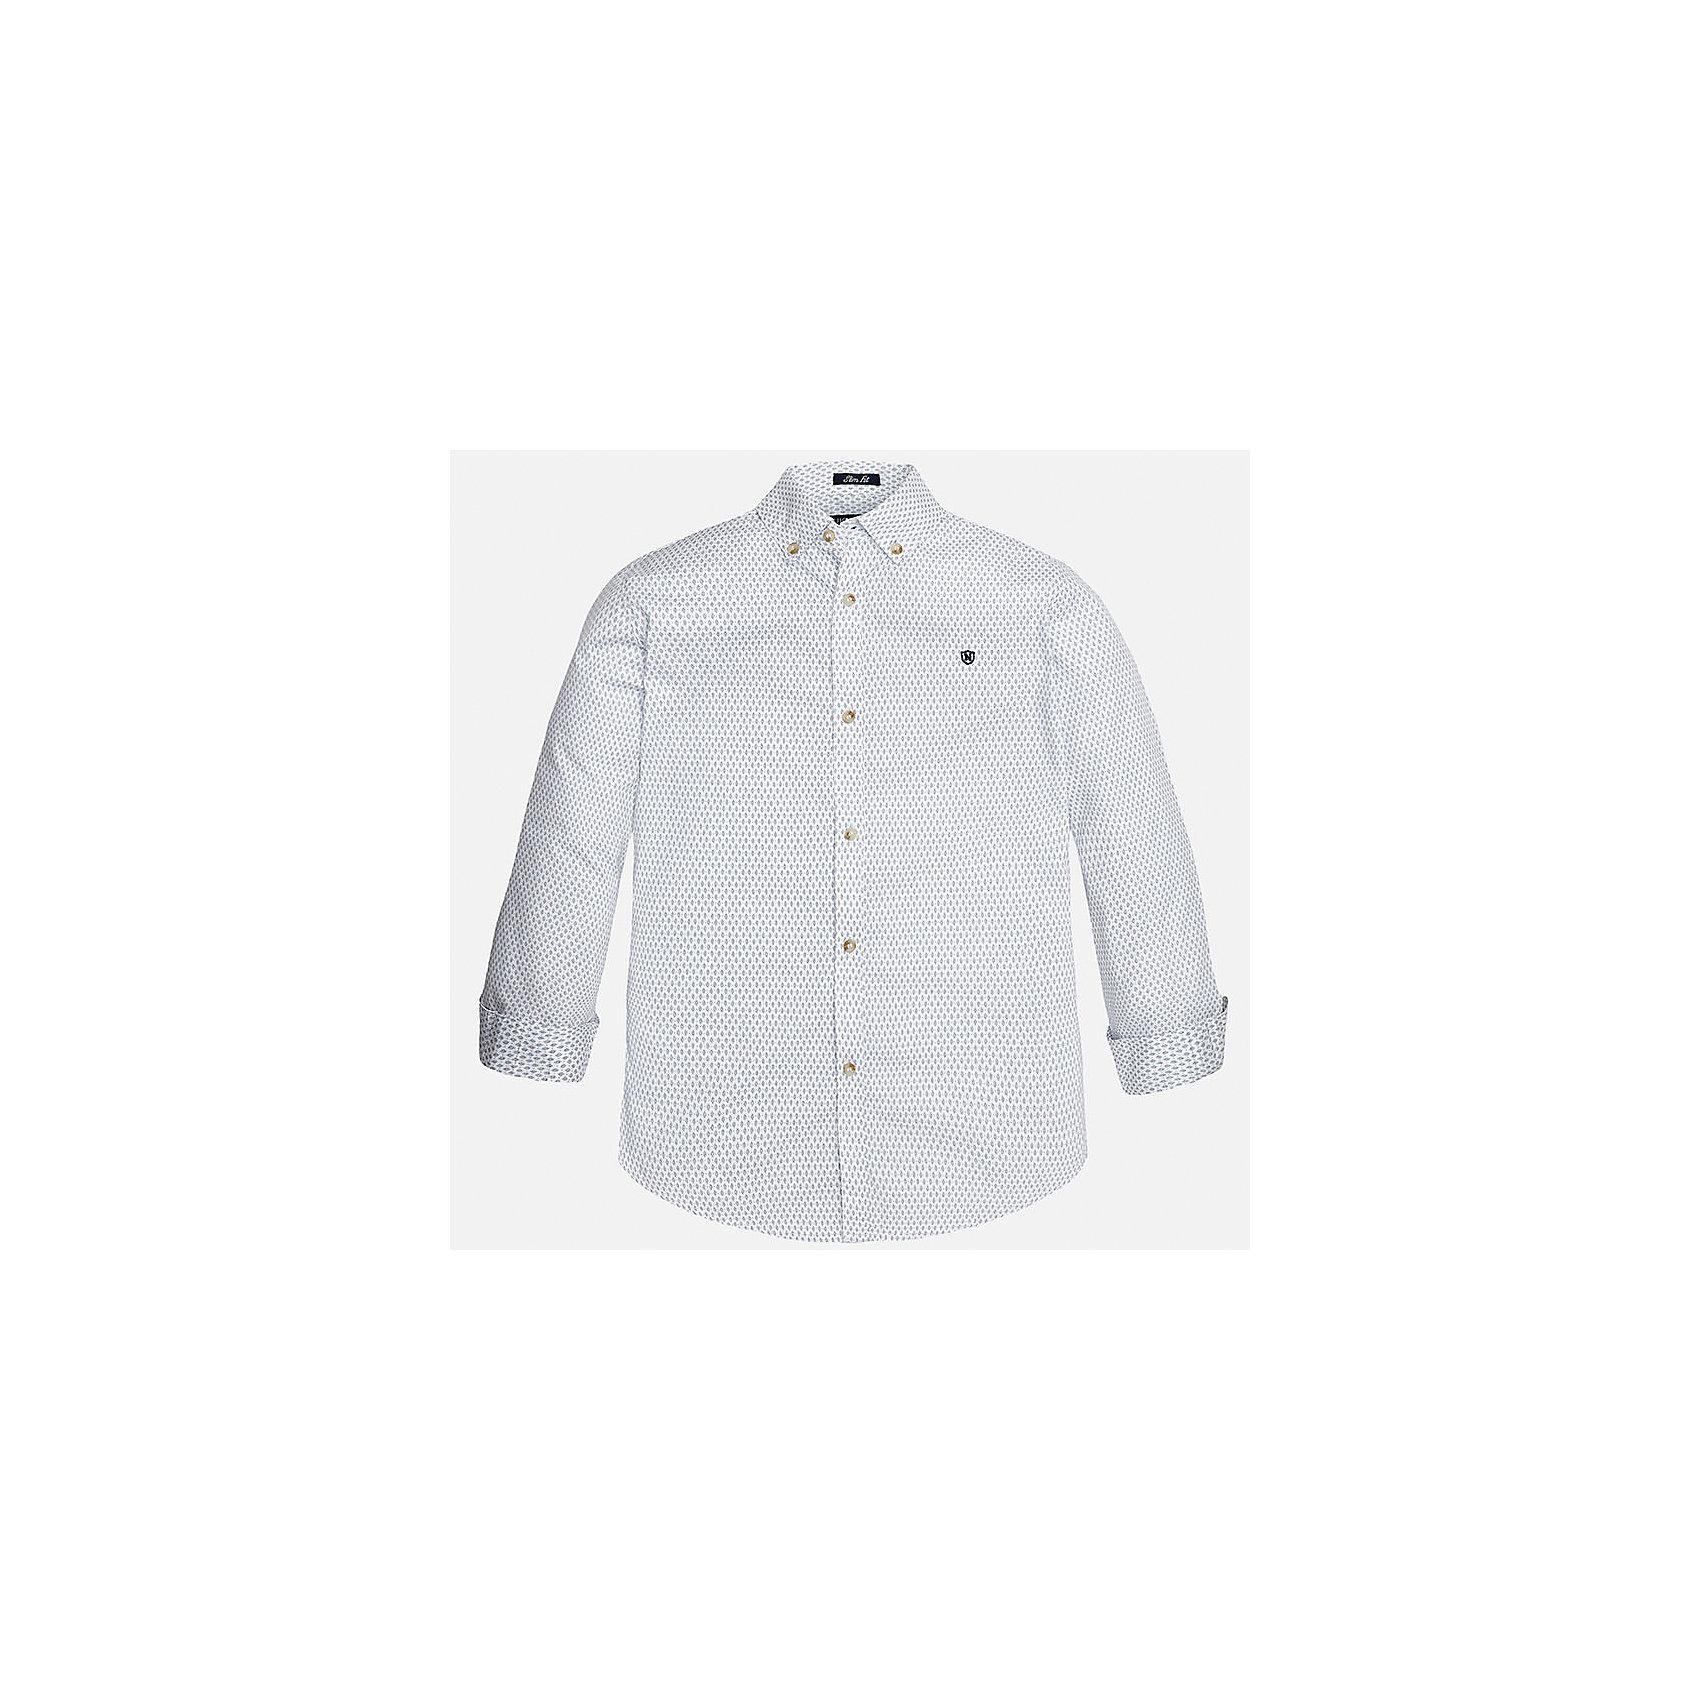 Рубашка для мальчика MayoralБлузки и рубашки<br>Характеристики товара:<br><br>• цвет: белый<br>• состав: 100% хлопок<br>• отложной воротник<br>• декорирована вышивкой на груди<br>• рукава с отворотами<br>• застежки: пуговицы<br>• страна бренда: Испания<br><br>Модная рубашка поможет разнообразить гардероб мальчика. Она отлично сочетается с брюками, шортами, джинсами. Универсальный крой и цвет позволяет подобрать к вещи низ разных расцветок. Практичное и стильное изделие! Хорошо смотрится и комфортно сидит на детях. В составе материала - только натуральный хлопок, гипоаллергенный, приятный на ощупь, дышащий. <br><br>Одежда, обувь и аксессуары от испанского бренда Mayoral полюбились детям и взрослым по всему миру. Модели этой марки - стильные и удобные. Для их производства используются только безопасные, качественные материалы и фурнитура. Порадуйте ребенка модными и красивыми вещами от Mayoral! <br><br>Рубашку для мальчика от испанского бренда Mayoral (Майорал) можно купить в нашем интернет-магазине.<br><br>Ширина мм: 174<br>Глубина мм: 10<br>Высота мм: 169<br>Вес г: 157<br>Цвет: белый<br>Возраст от месяцев: 132<br>Возраст до месяцев: 144<br>Пол: Мужской<br>Возраст: Детский<br>Размер: 158,140,164,128/134,152,170<br>SKU: 5281666